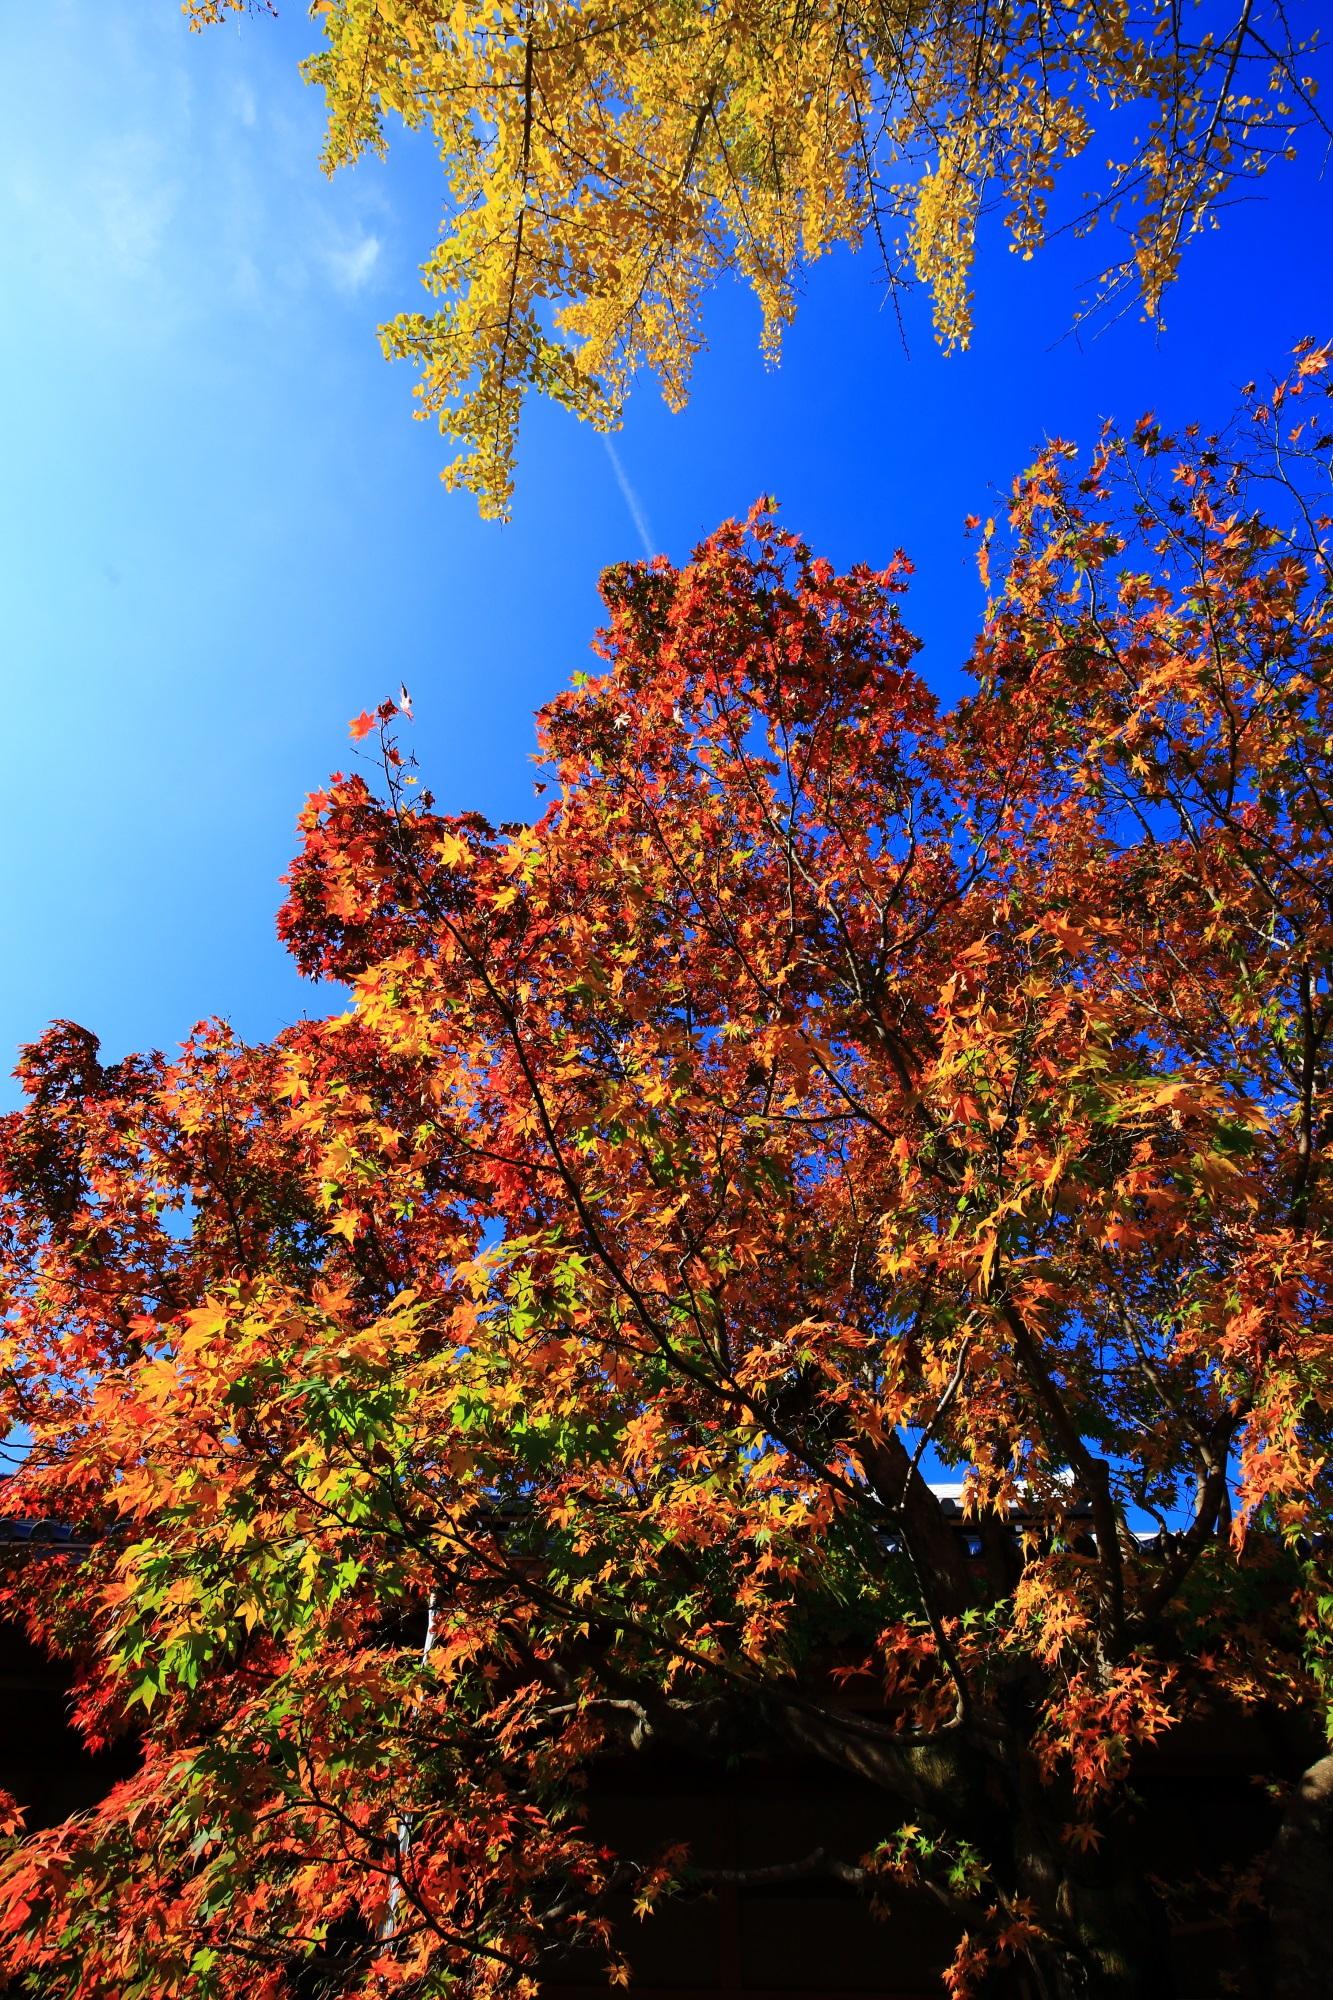 常寂光寺の本堂前の見ごろの紅葉と銀杏